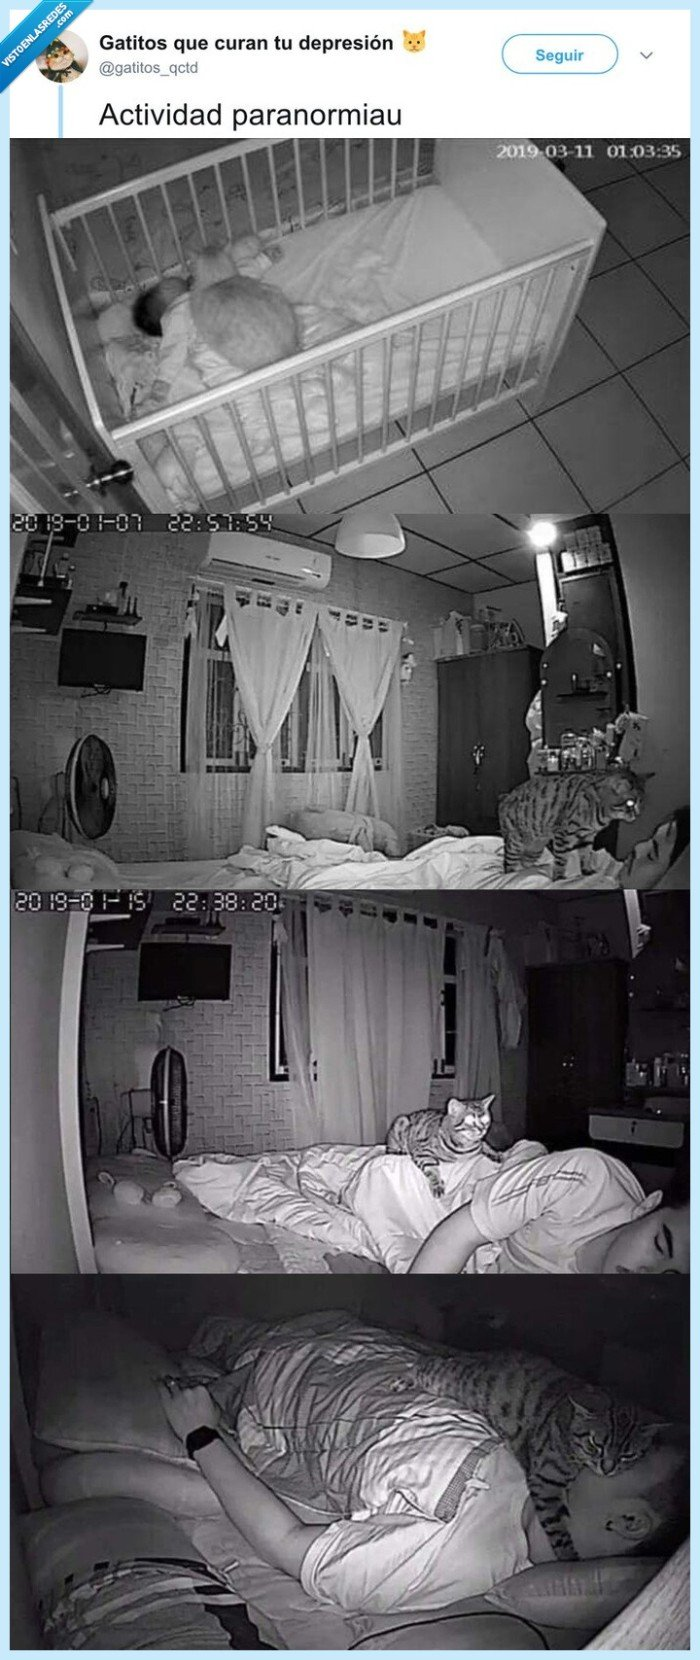 actividad paranormal,camara,gato